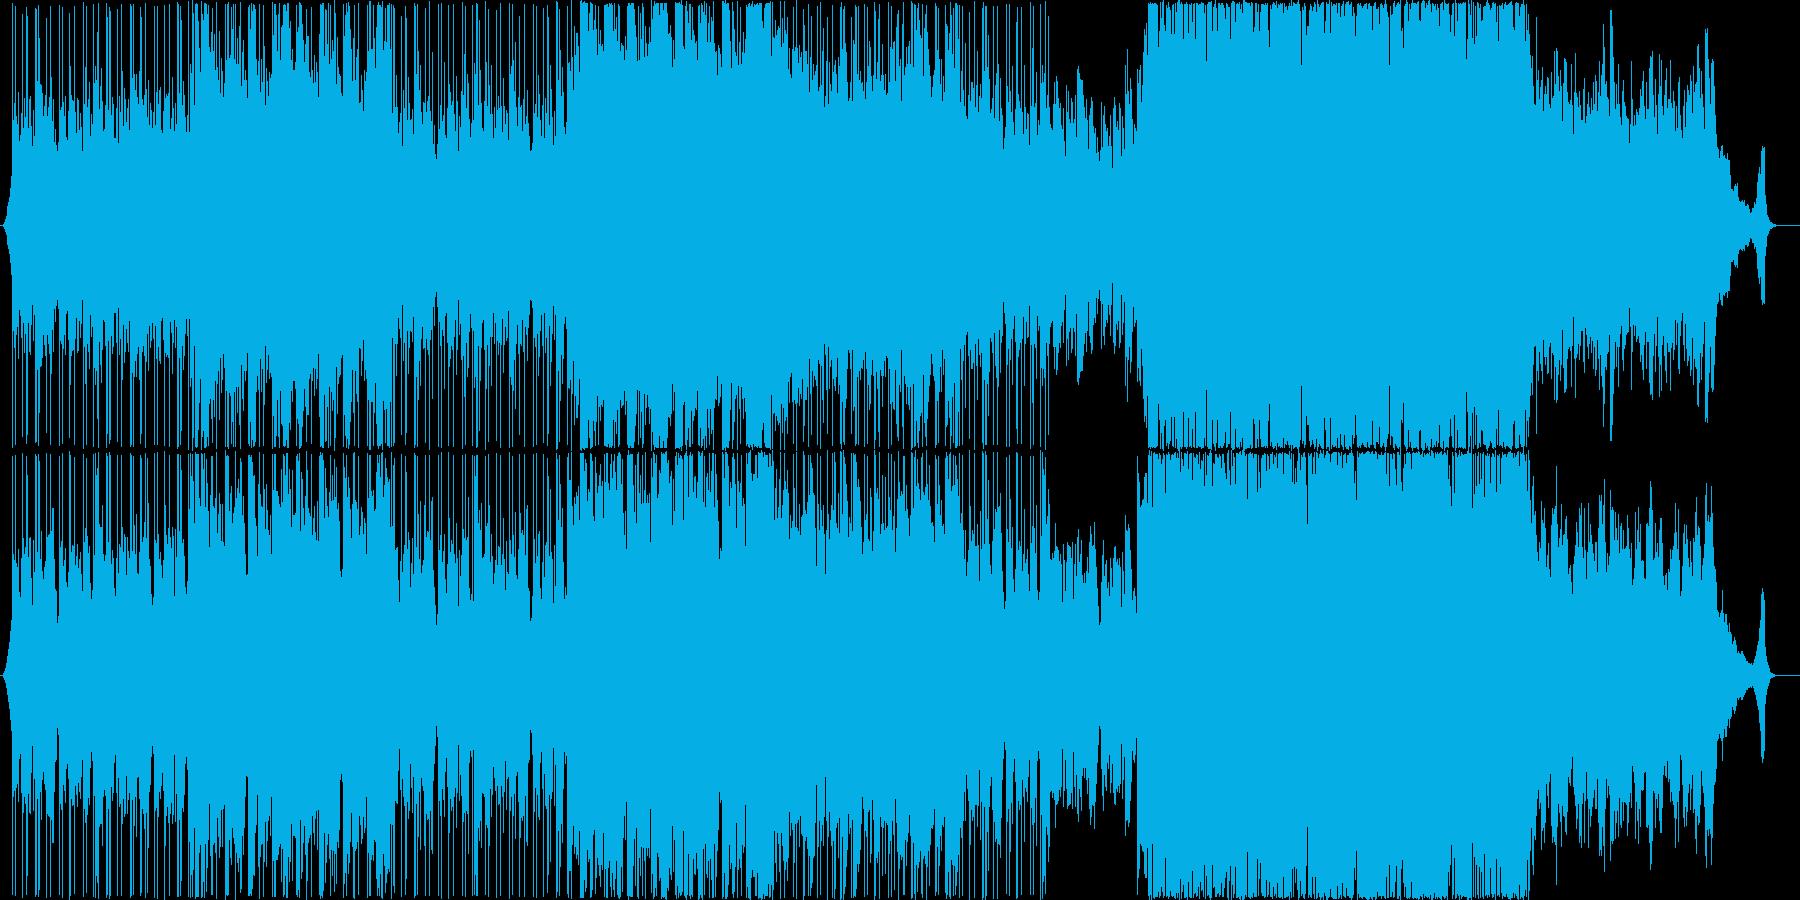 綺麗なアコースティックヒップポップの再生済みの波形